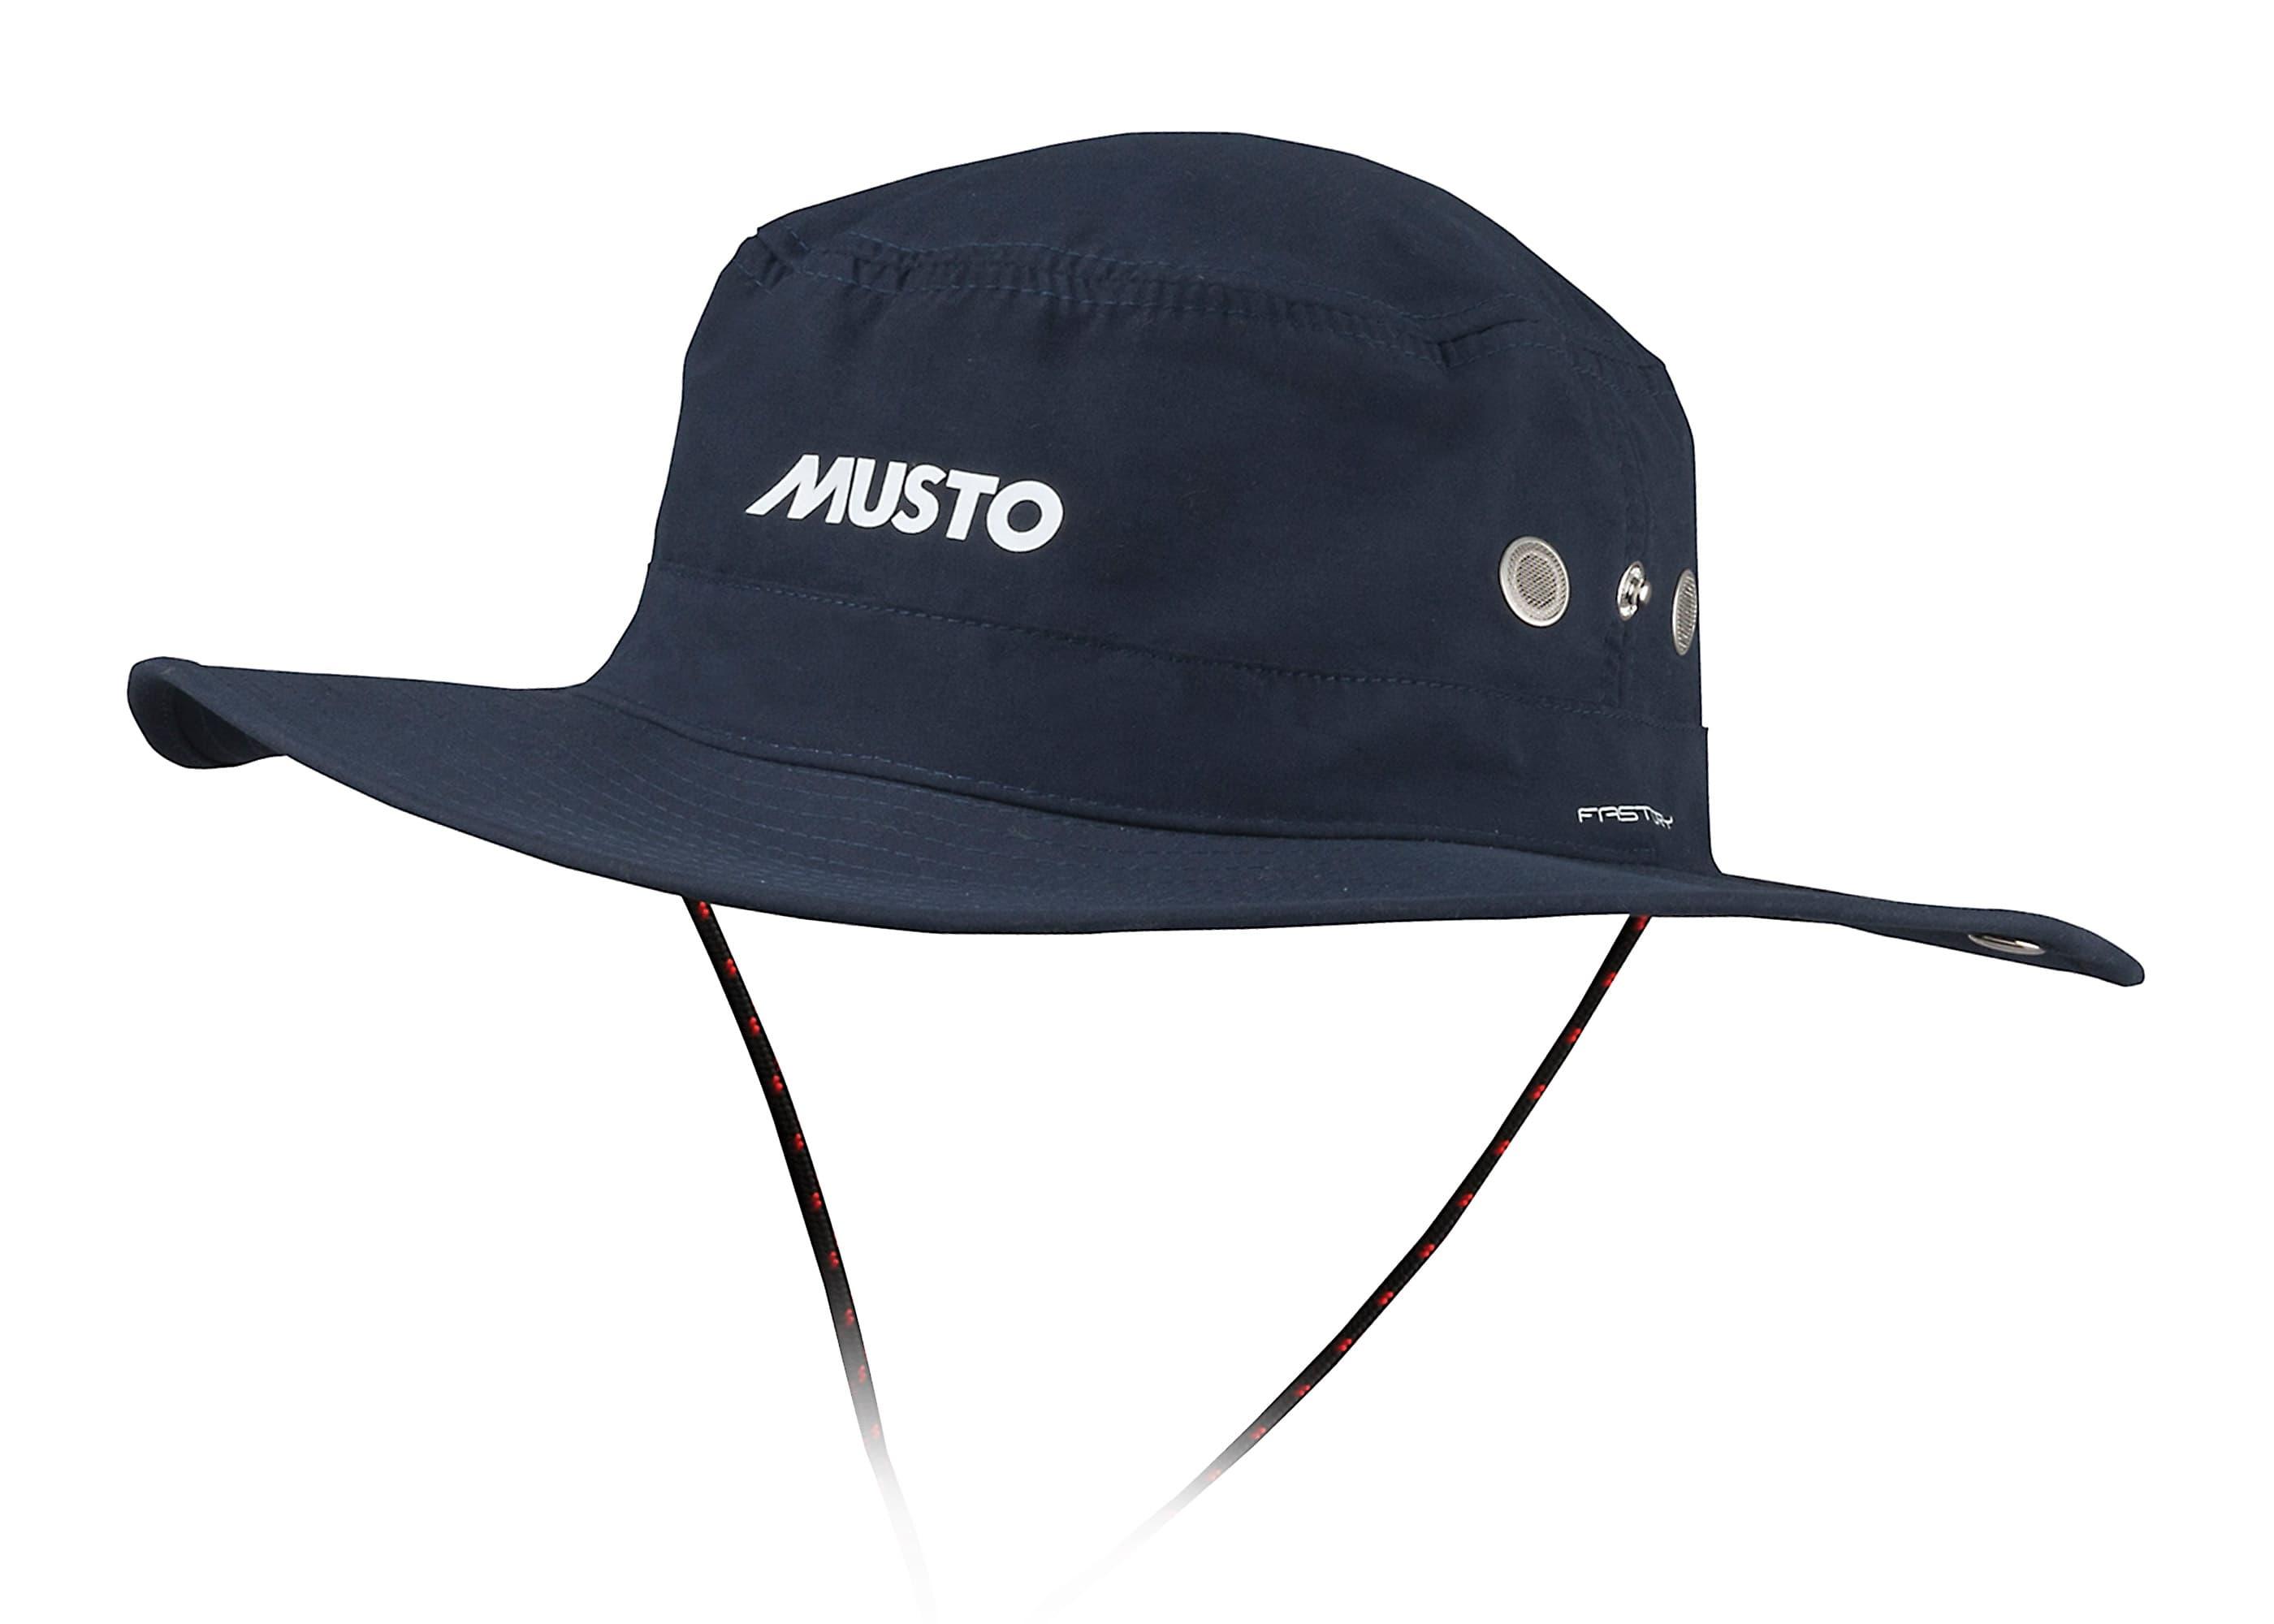 47163_MUSTO_FastDry_Brimmed_Hut_navy.jpg